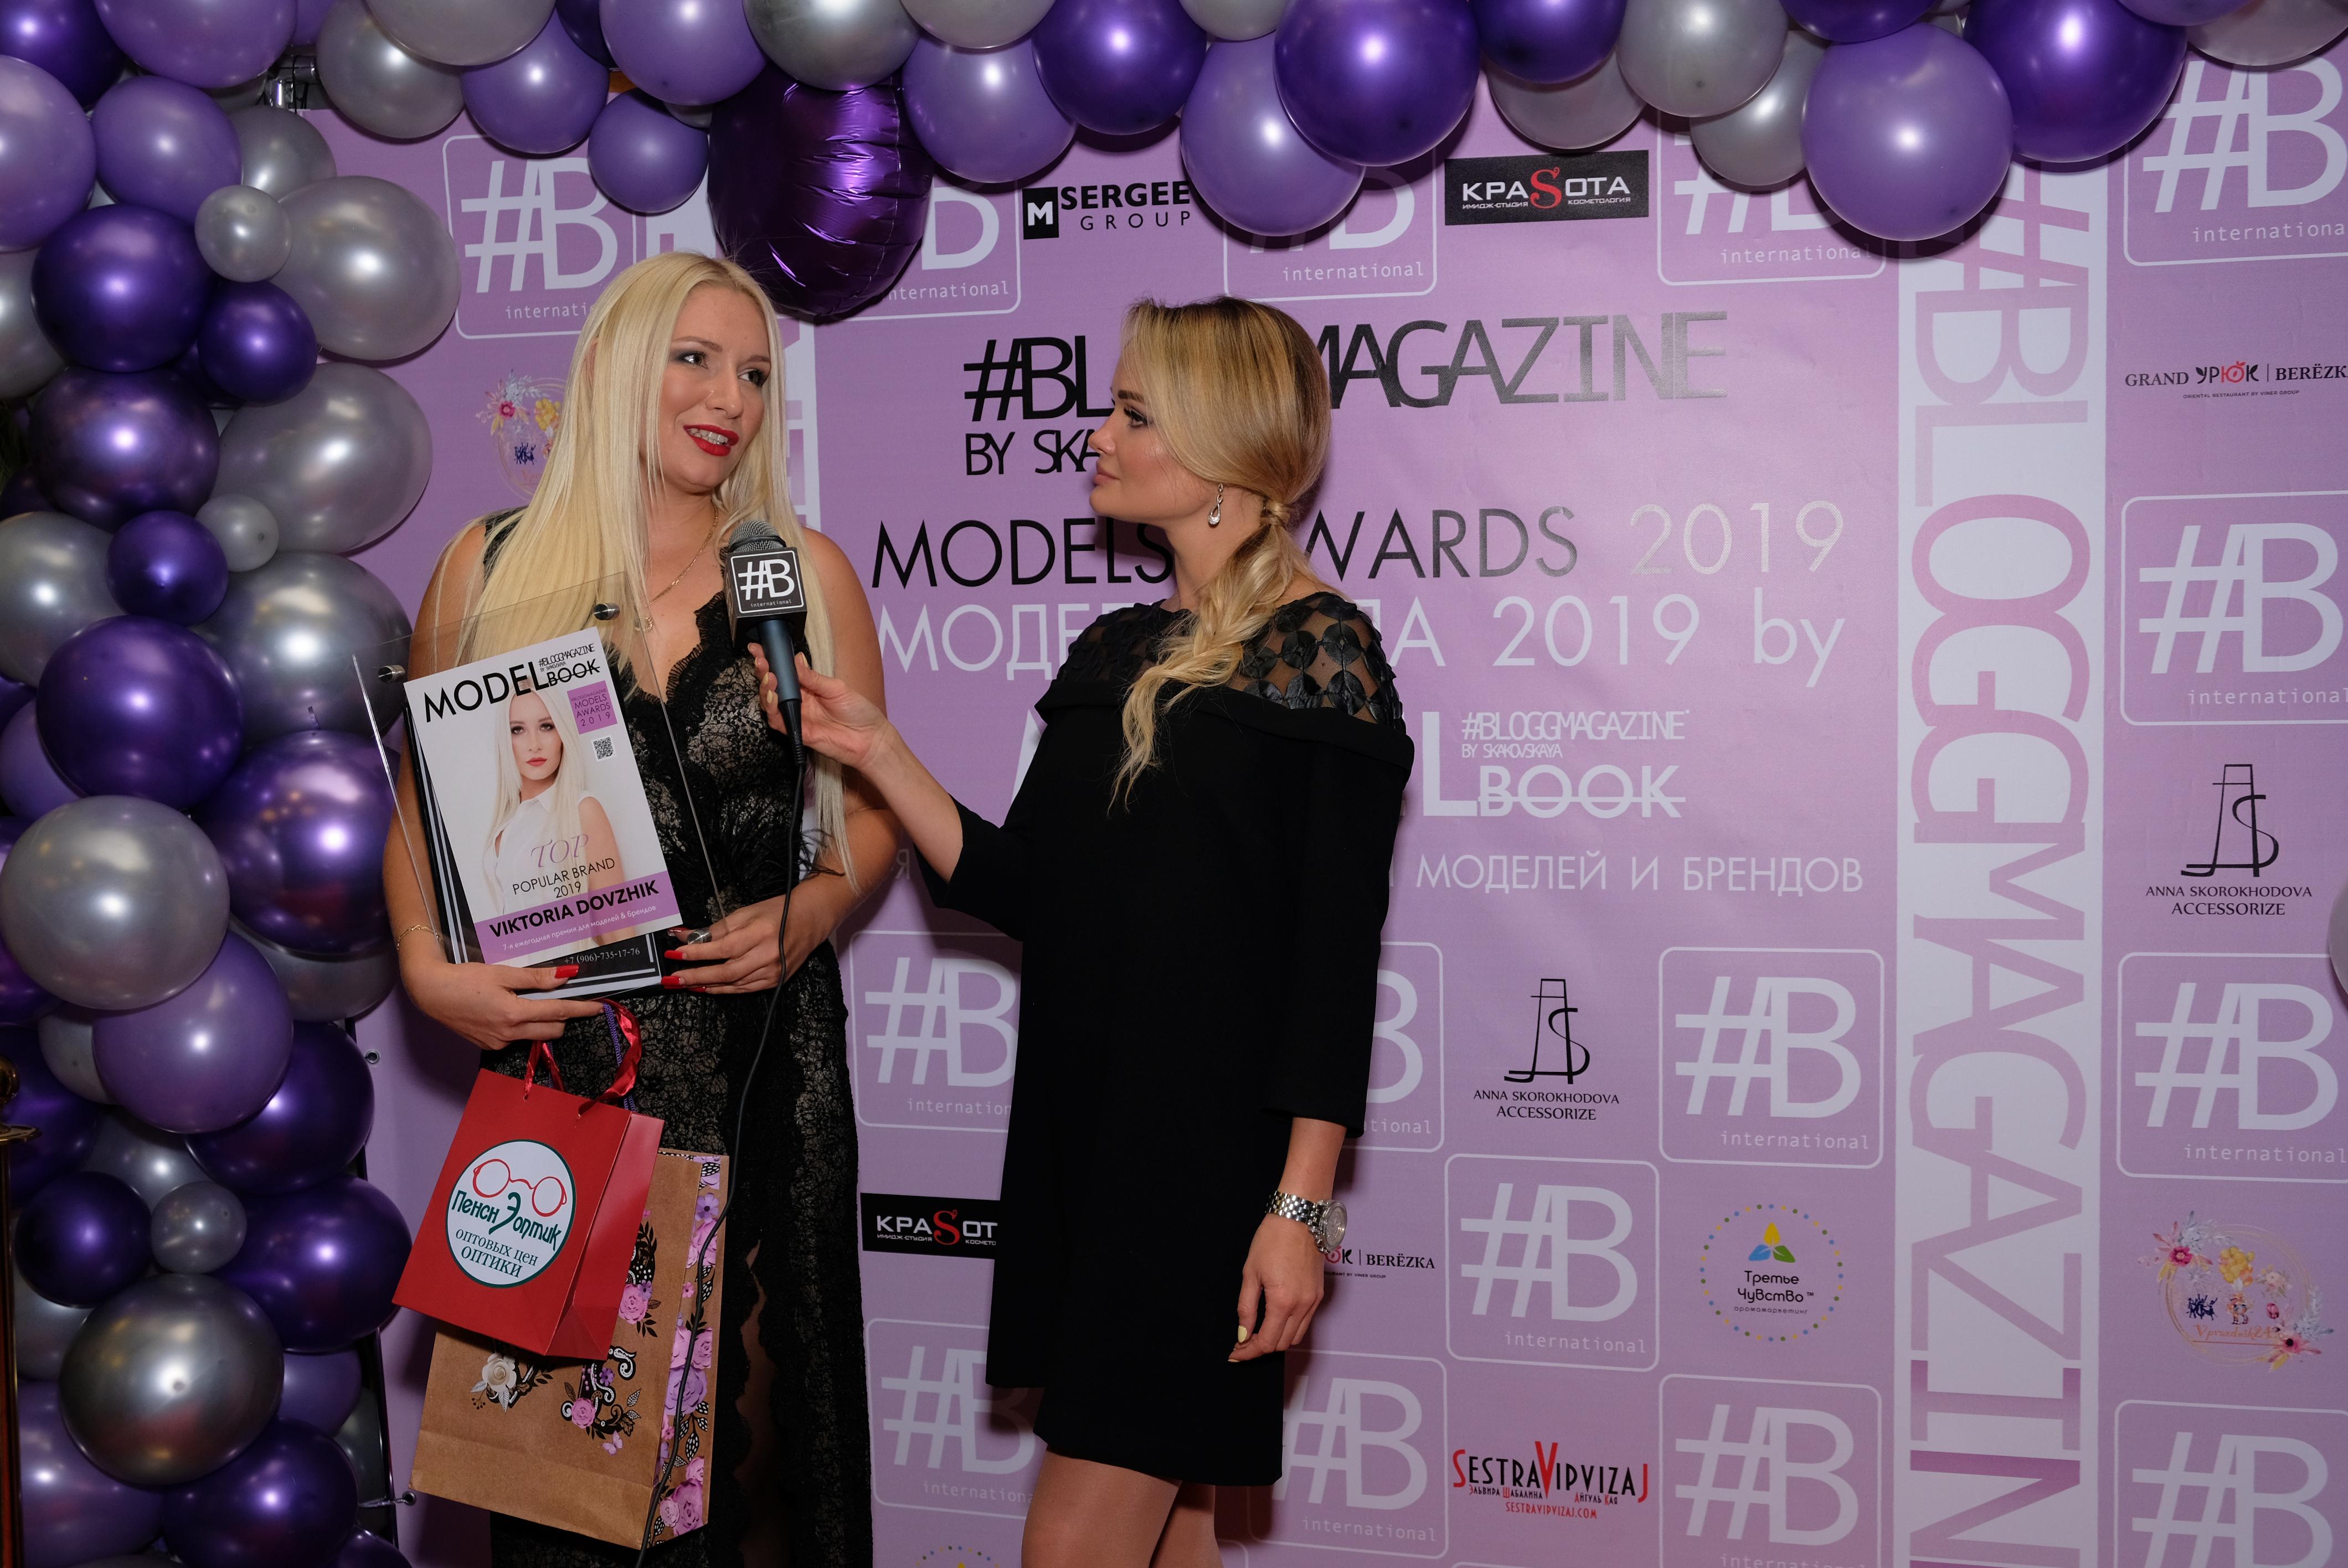 bloggmagazine_models_awards2019_2